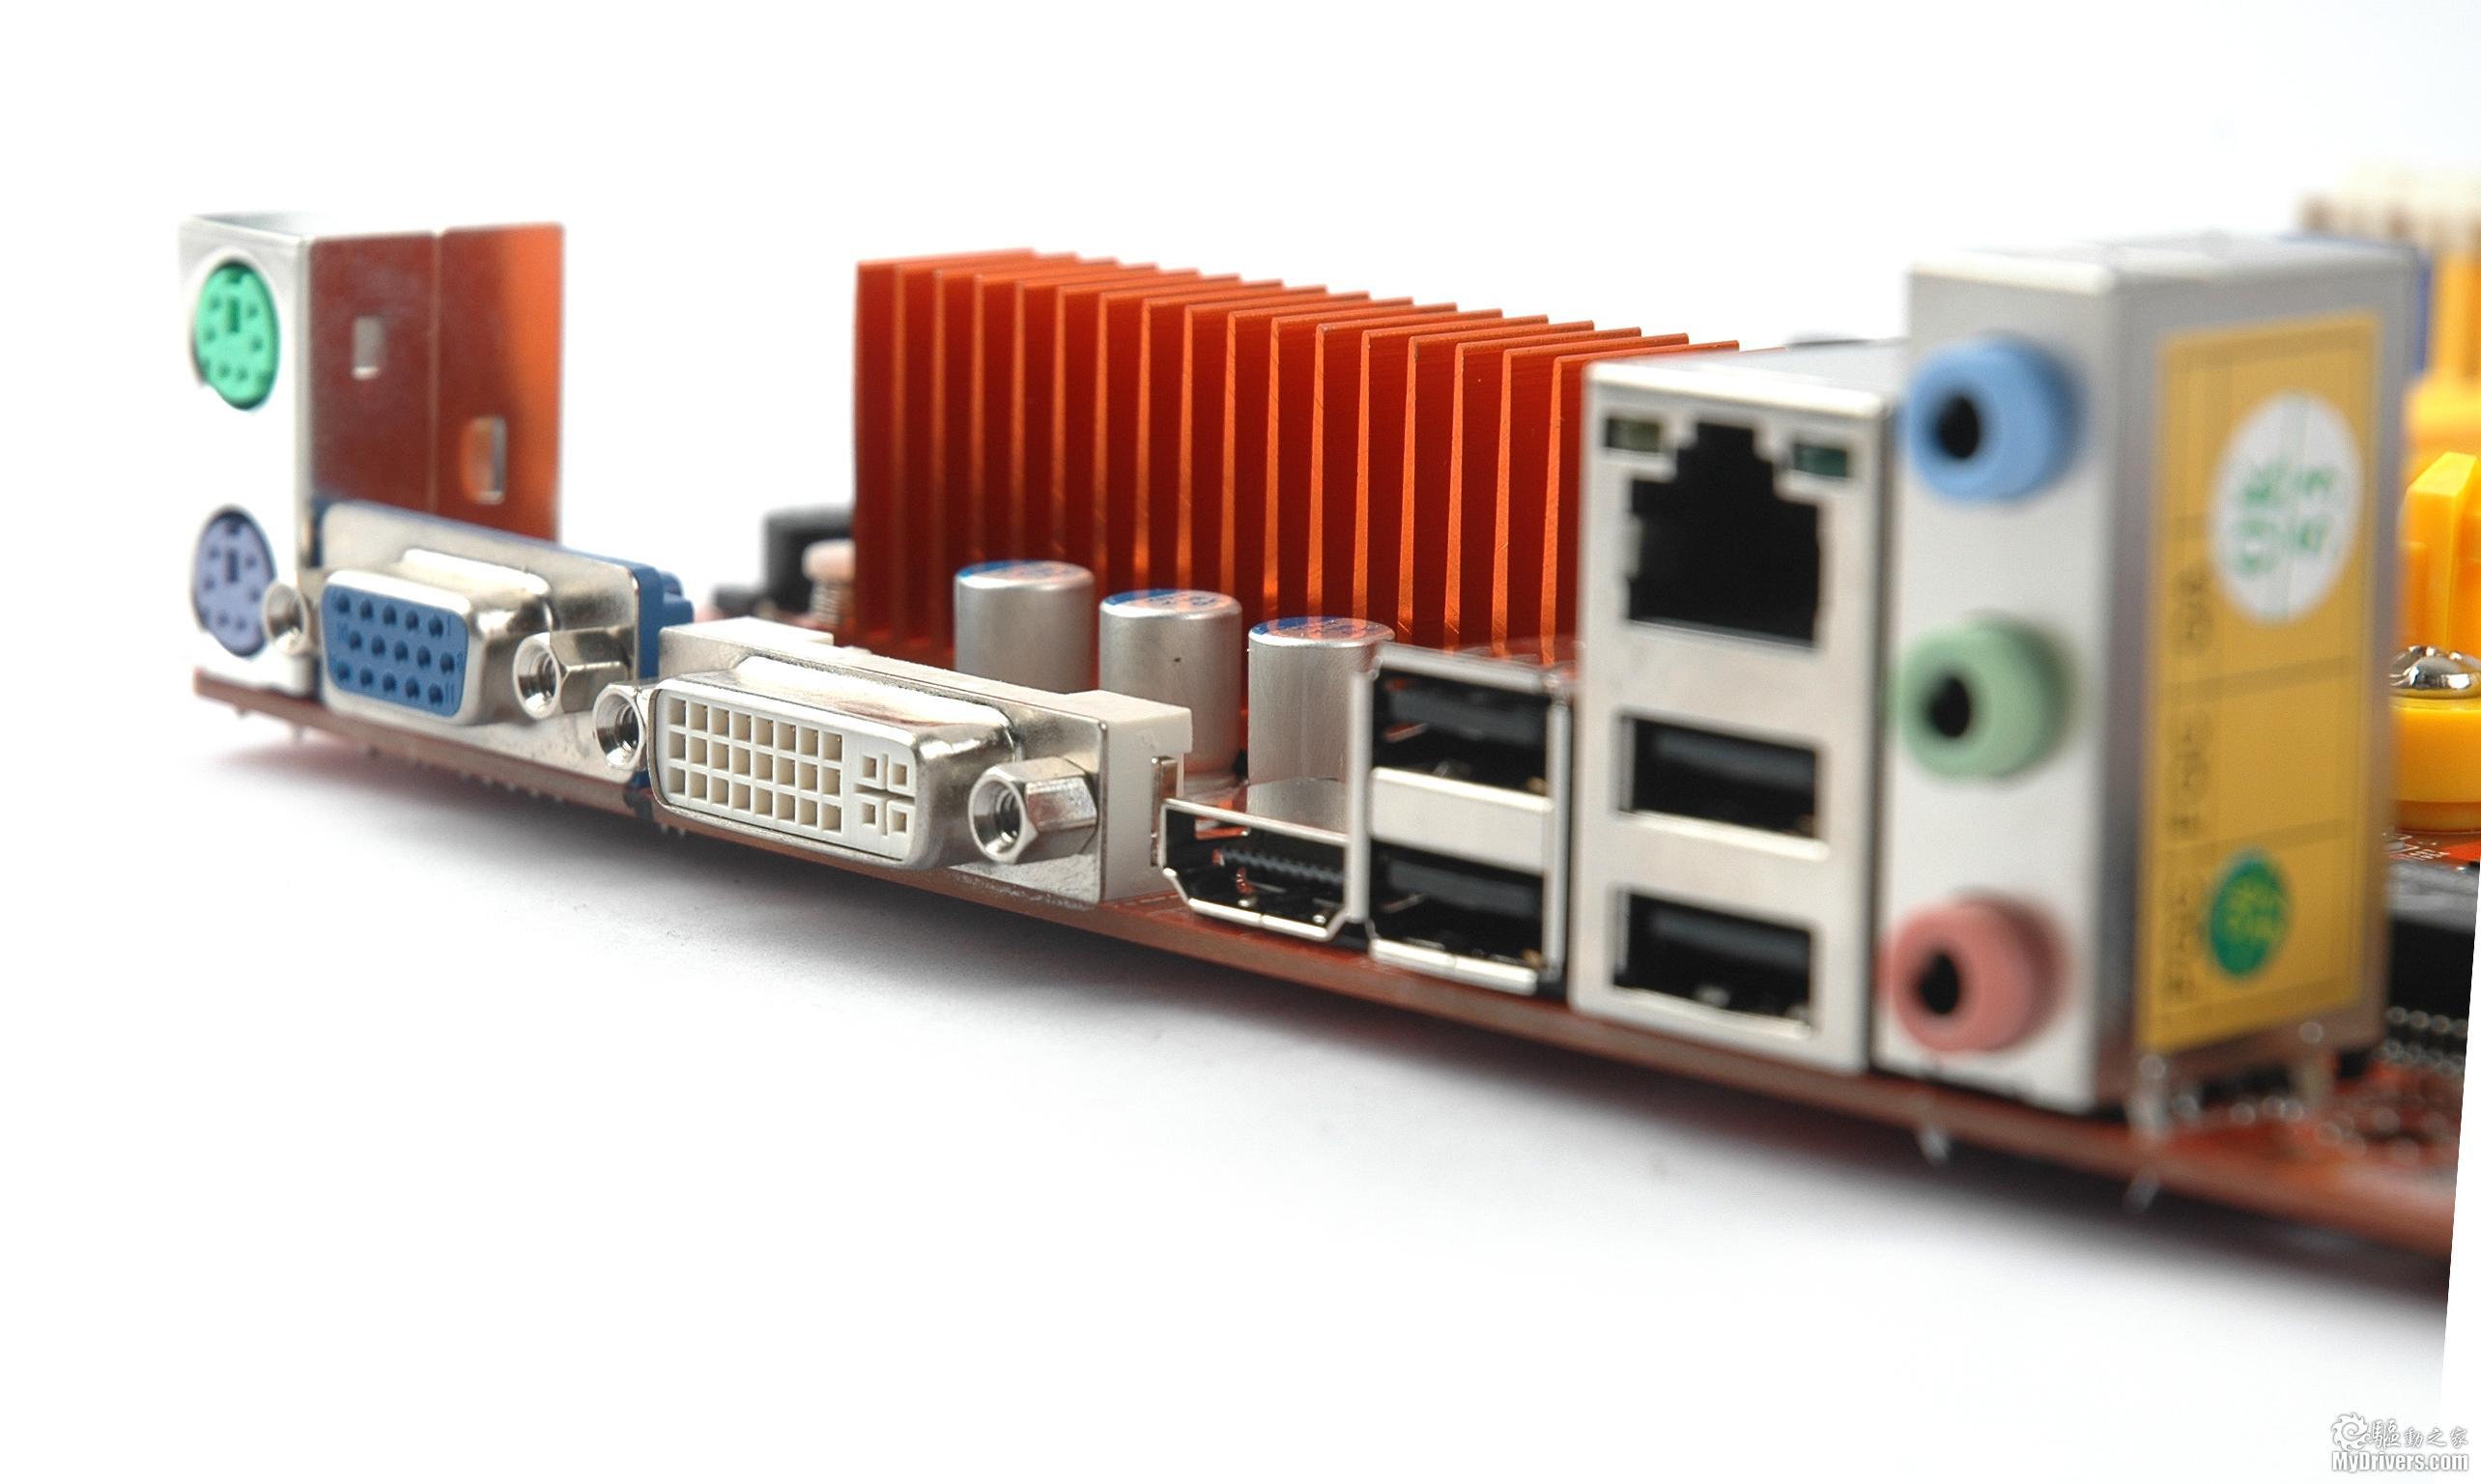 [主板赏析二]  梅捷SY-A88GM3-GR主板采用的是SB710南桥,虽然定位上低于SB750,但是对磁盘性能来说,两者差别也仅限于对RAID 5的支持,对于普通用户来说并没有太大用处。这款主板共为用户提供了6组SATAII接口和一个IDE接口。  在北桥和电池之间我们还可以看到一颗三星的1.2ns显存,它为集成的HD 4200提供了128M的独立显存,这样可以更少的占用主板的内存容量,让性能更强。  在多媒体和网络方面,这款主板采用了Realtek提供的高清音频解码芯片和网络控制芯片,能够为用户提供